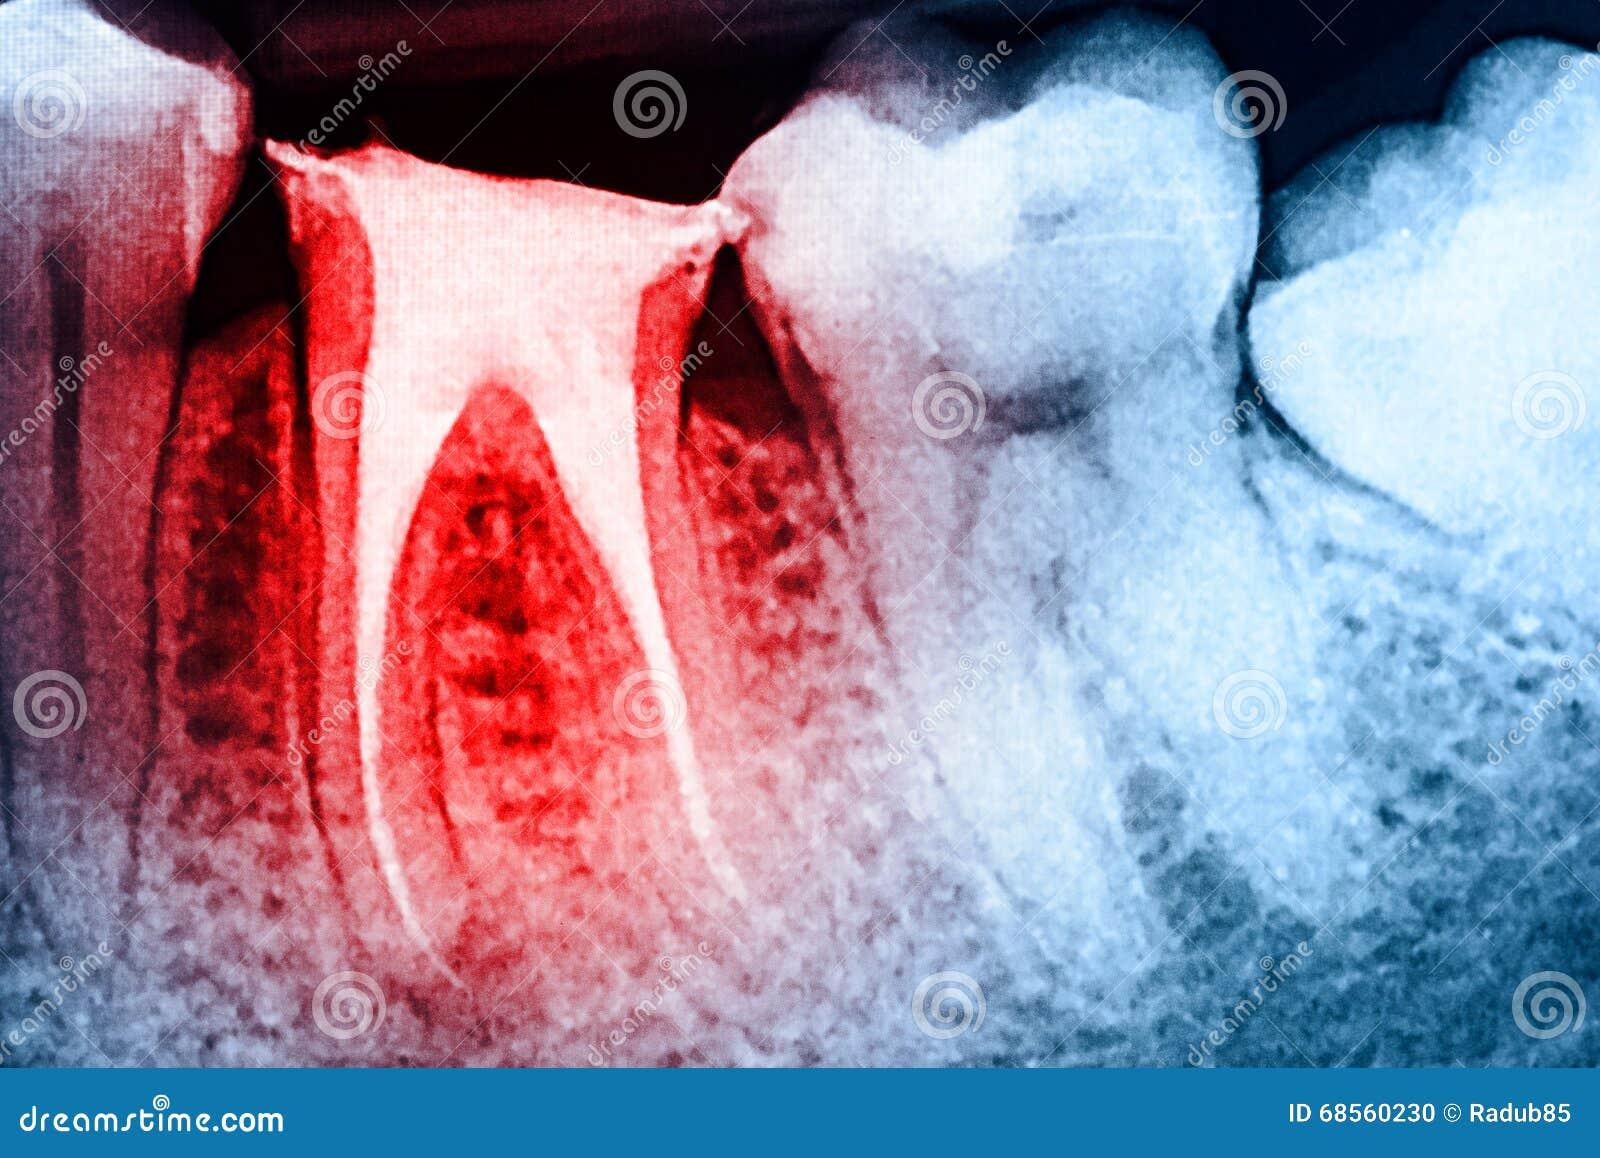 Πλήρες Obturation των συστημάτων καναλιών ρίζας στα δόντια